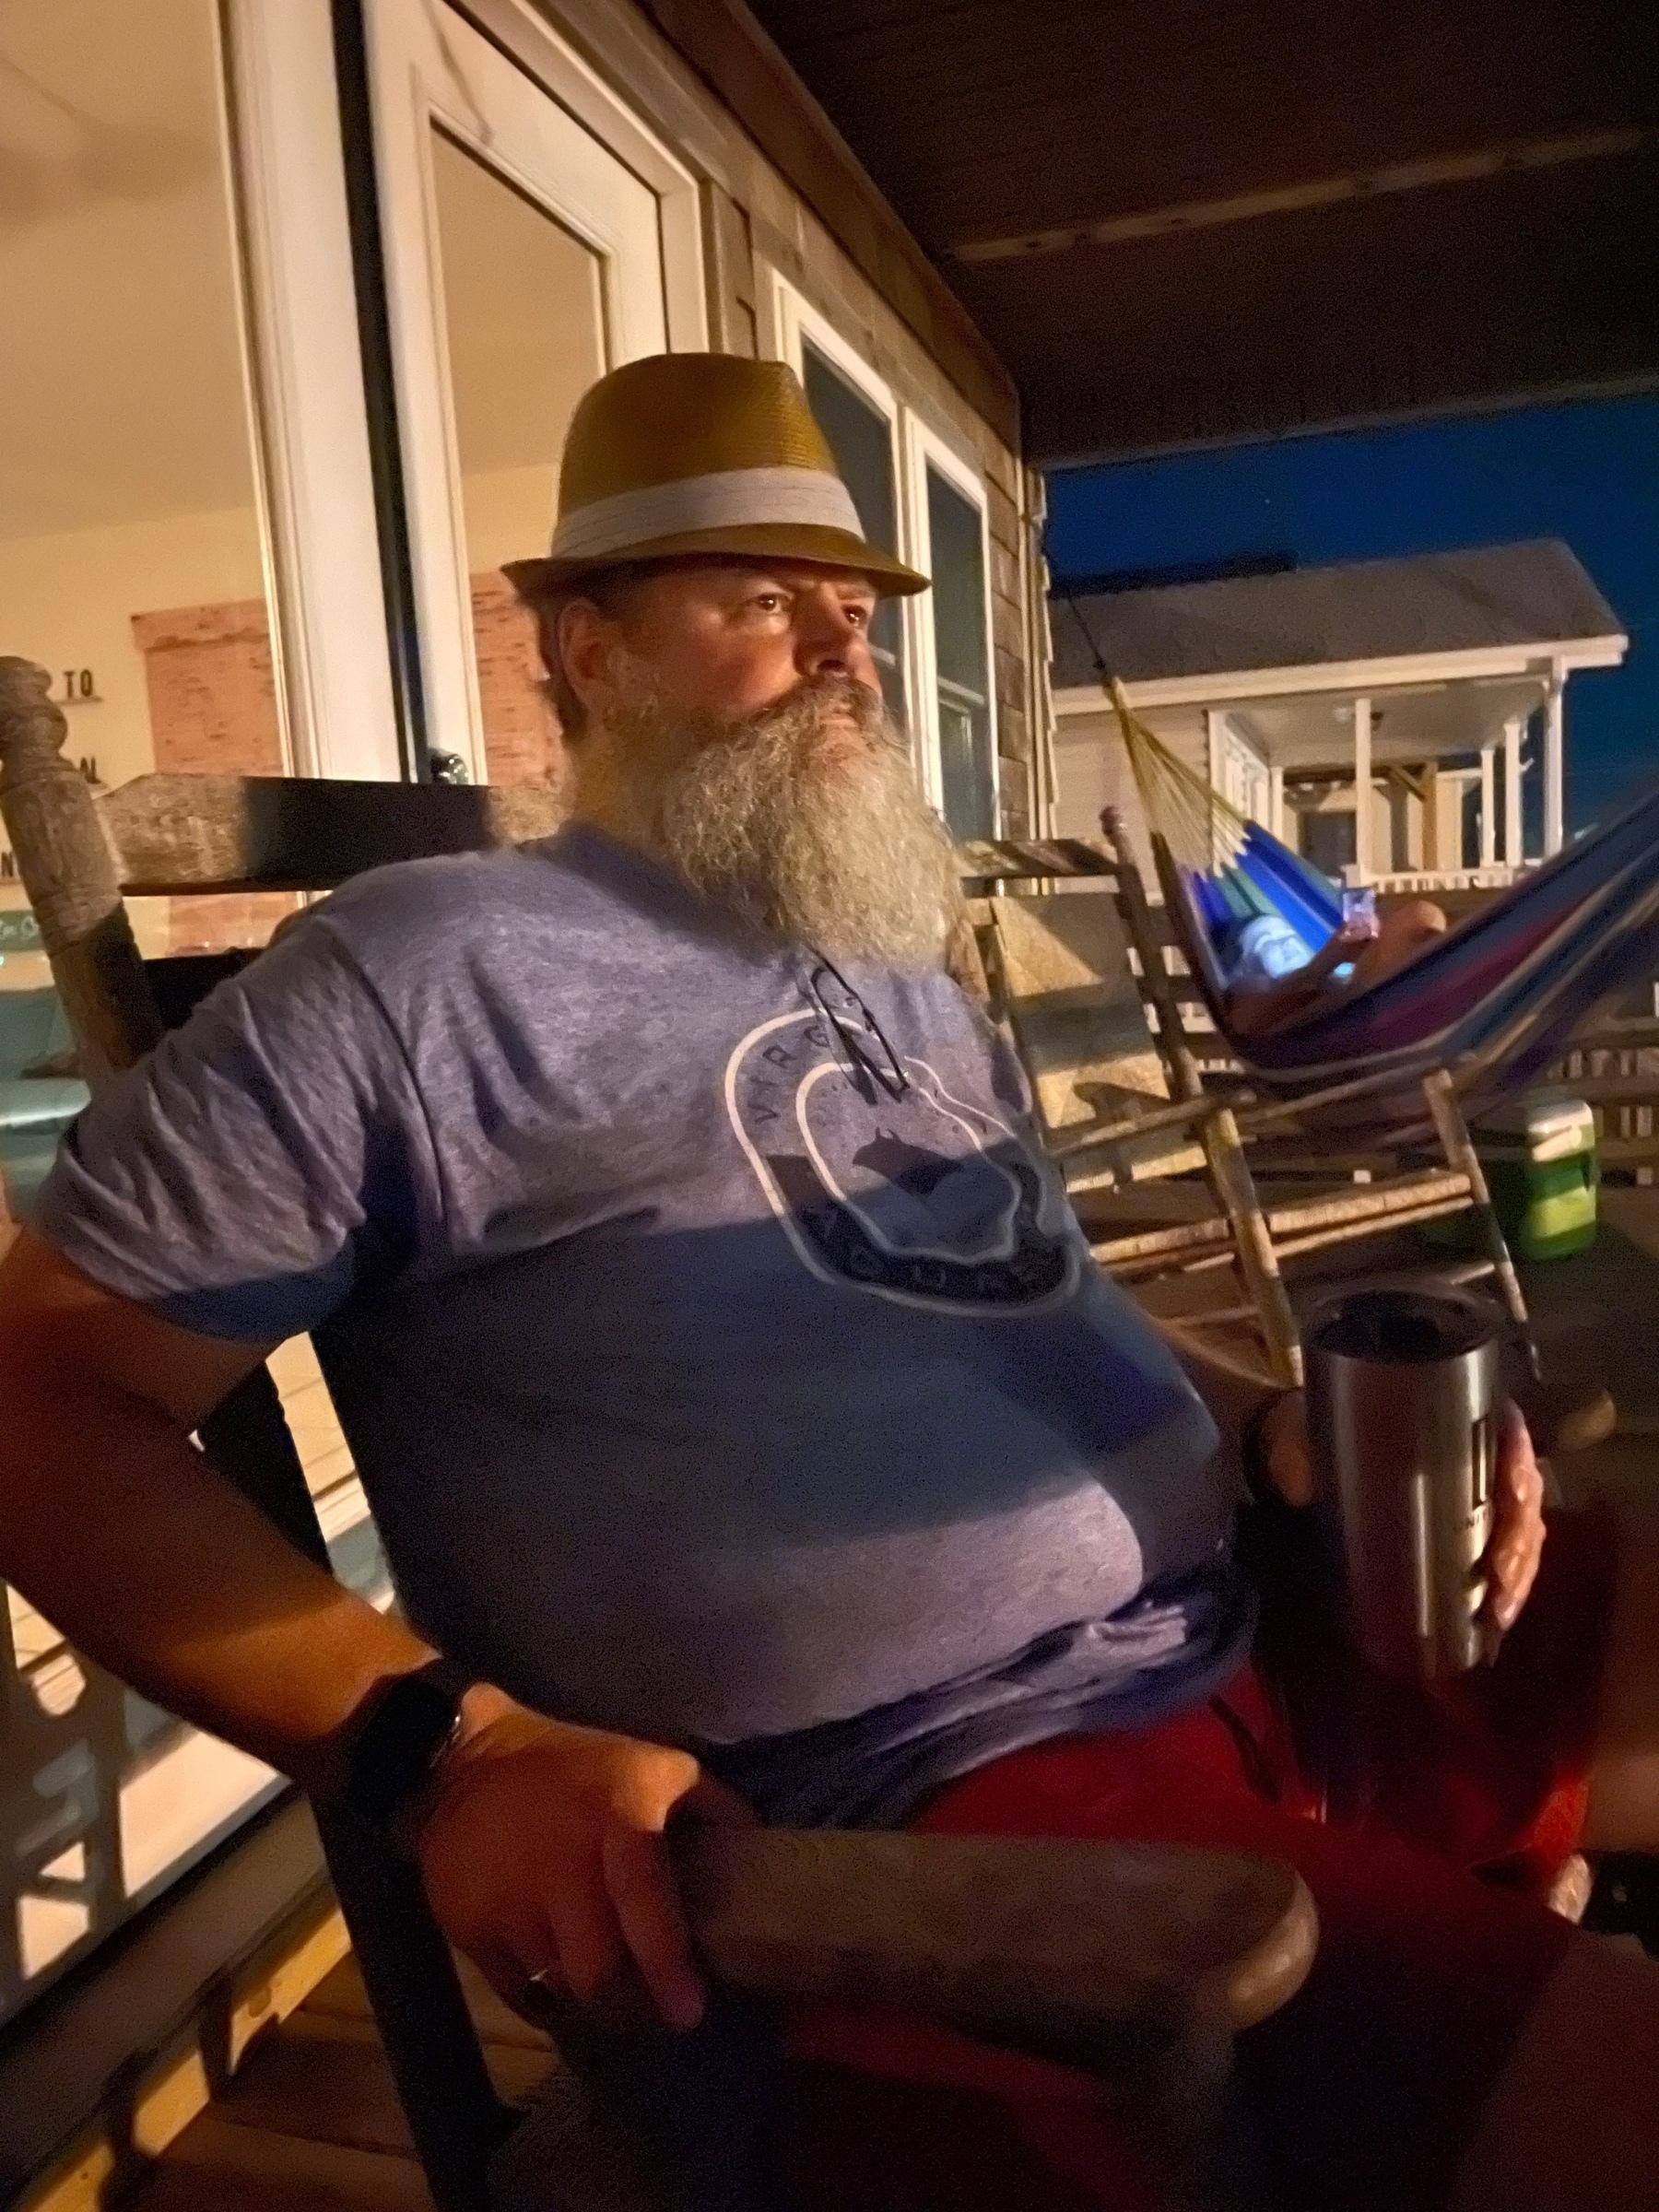 hat-wearing man at sunset